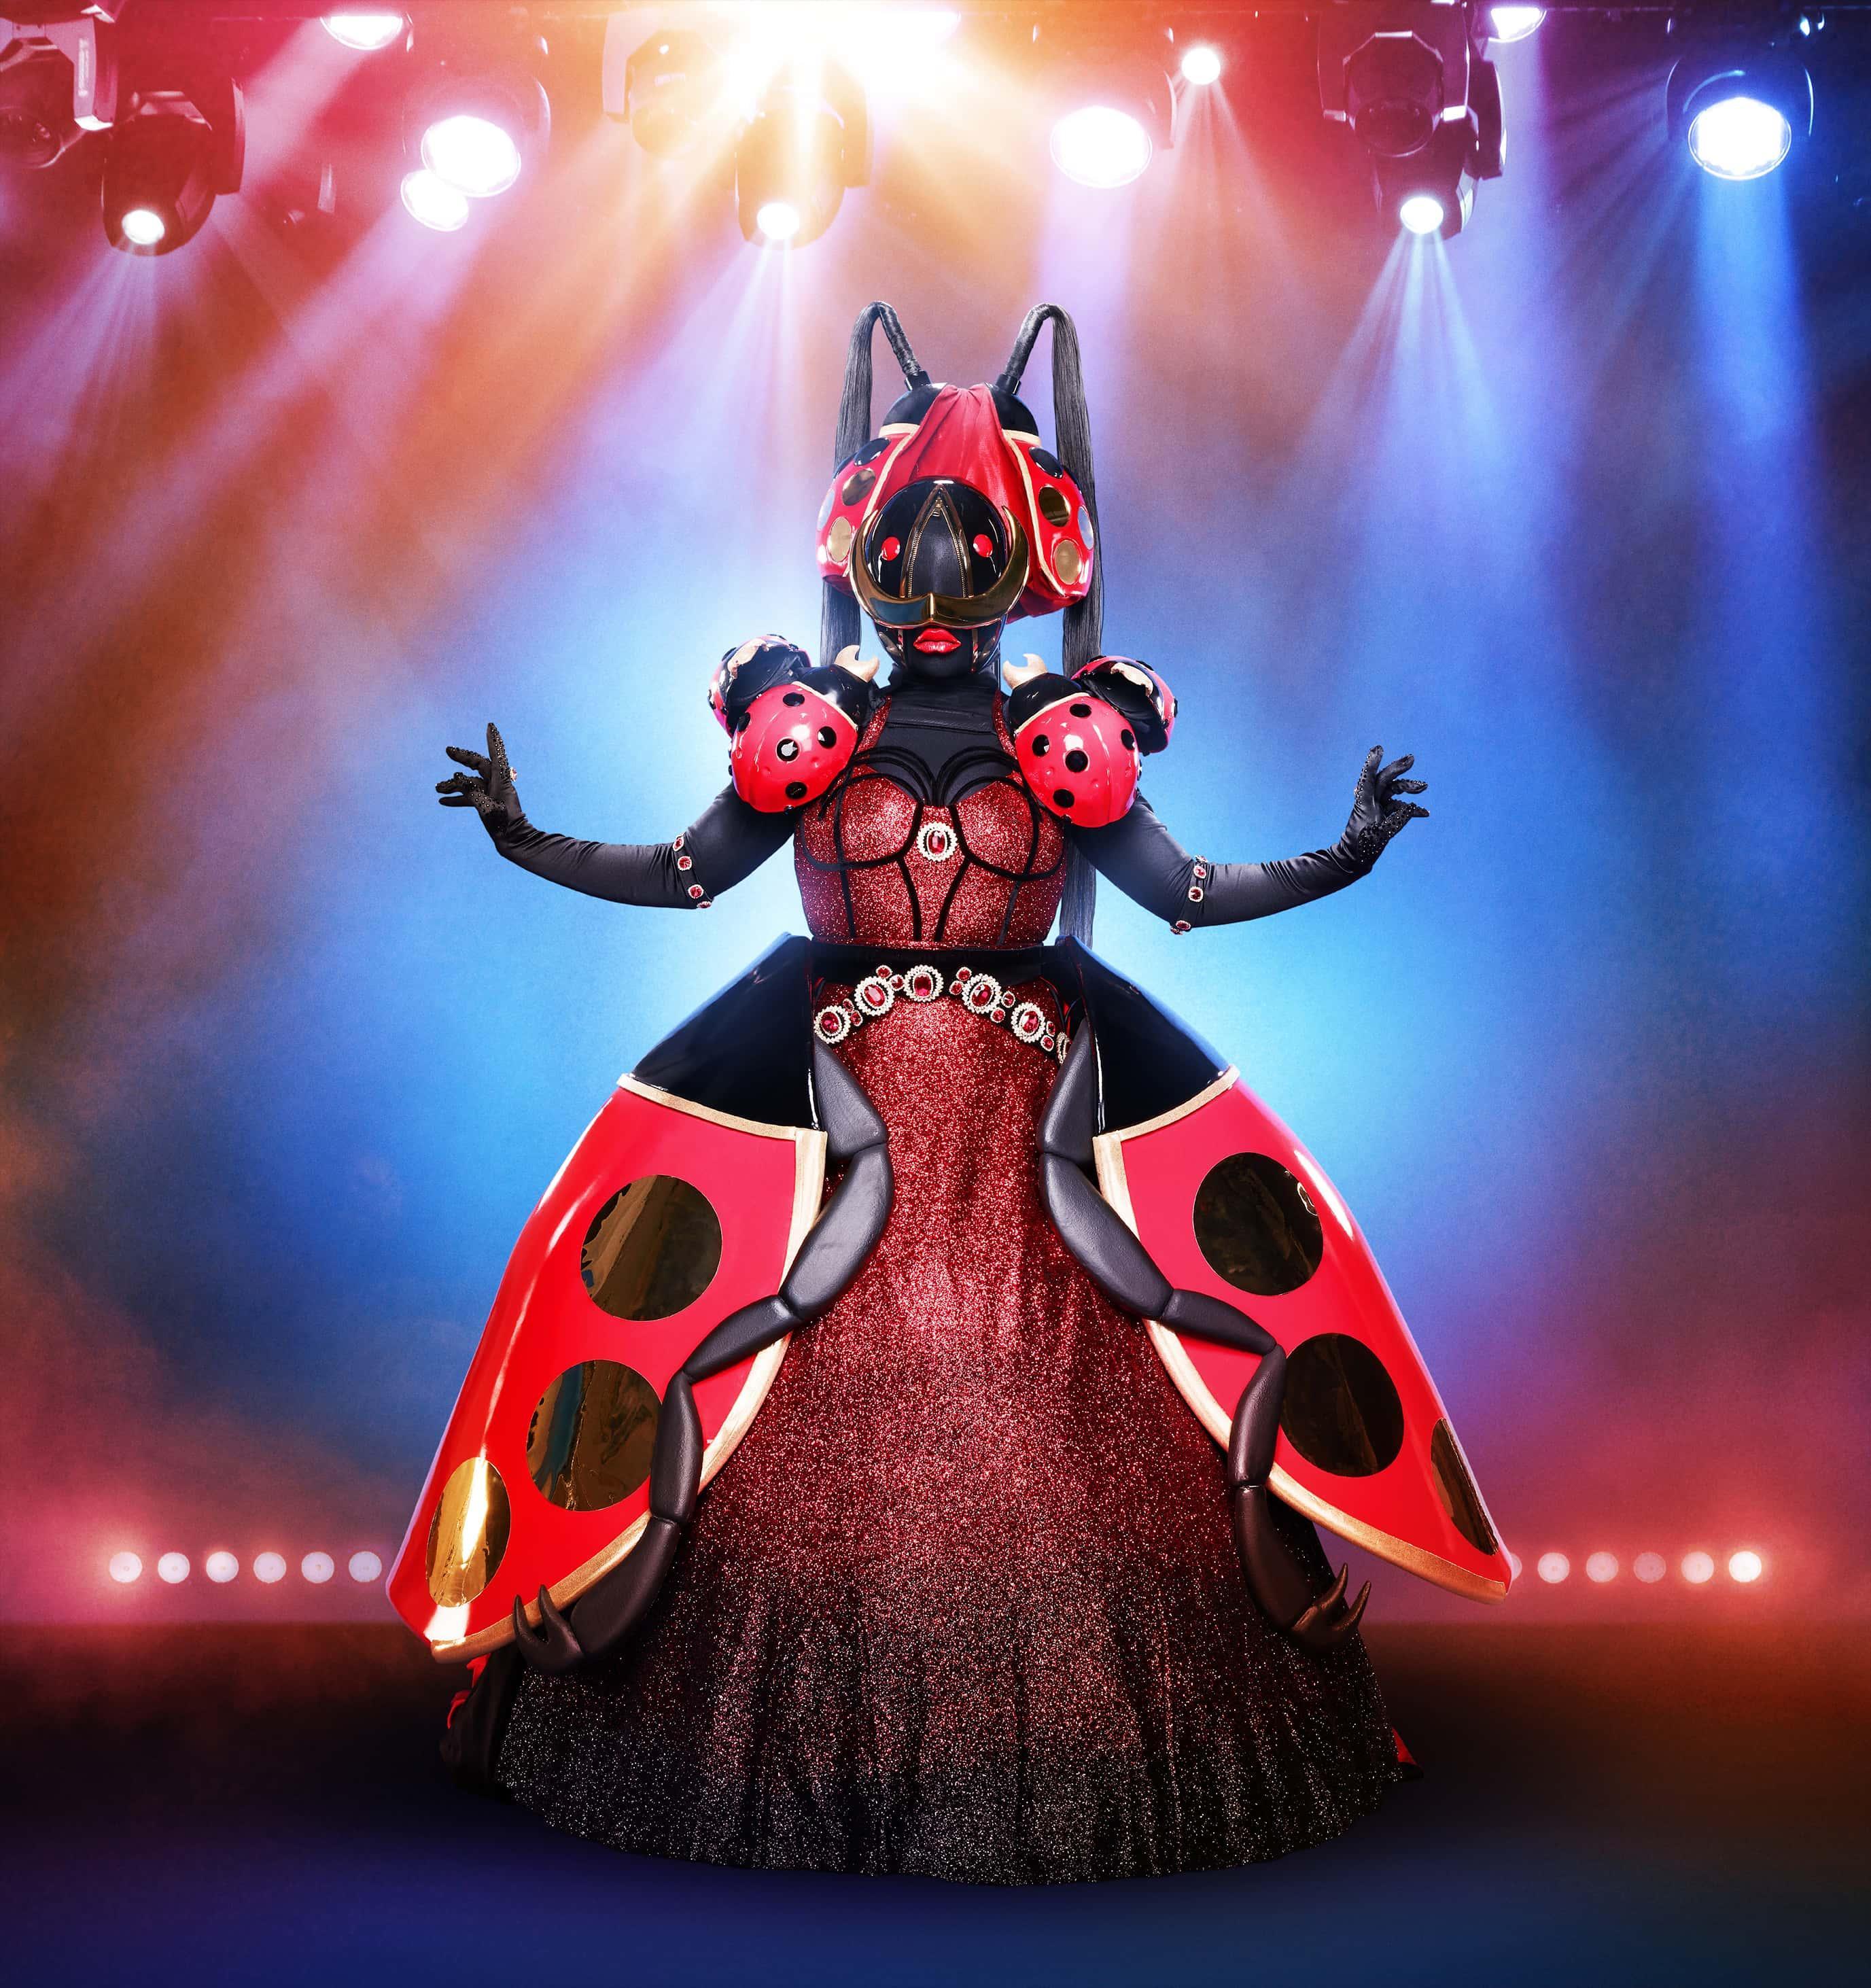 masked-singer-ladybug-1570038246546.jpg